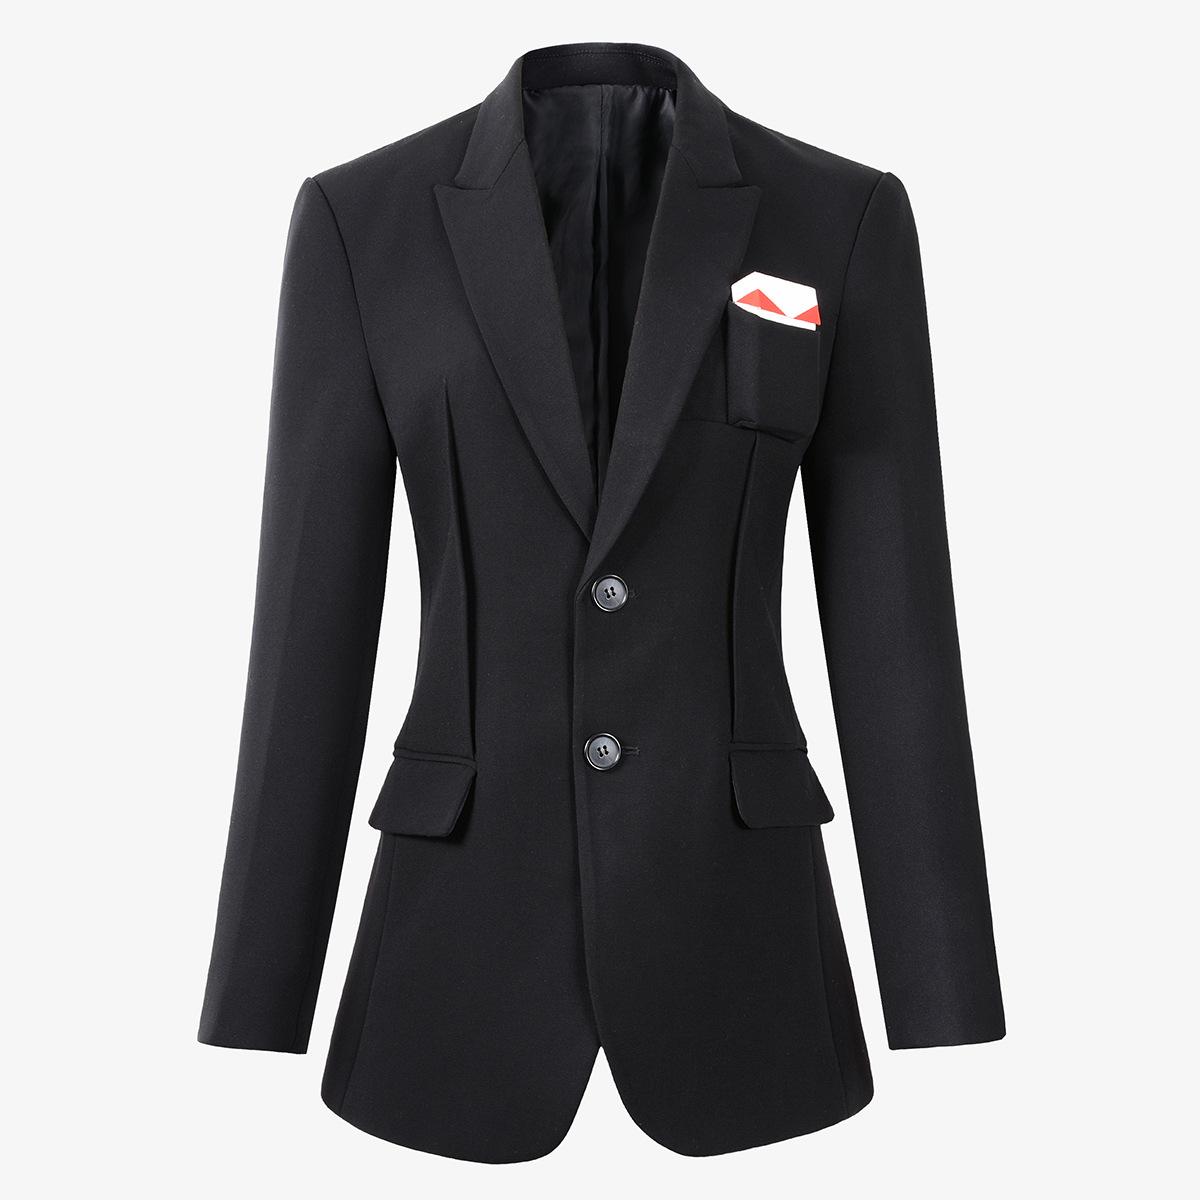 欧洲站~西装黑色翻领修身显瘦短款烟盒装饰小众设计外套女潮C2013